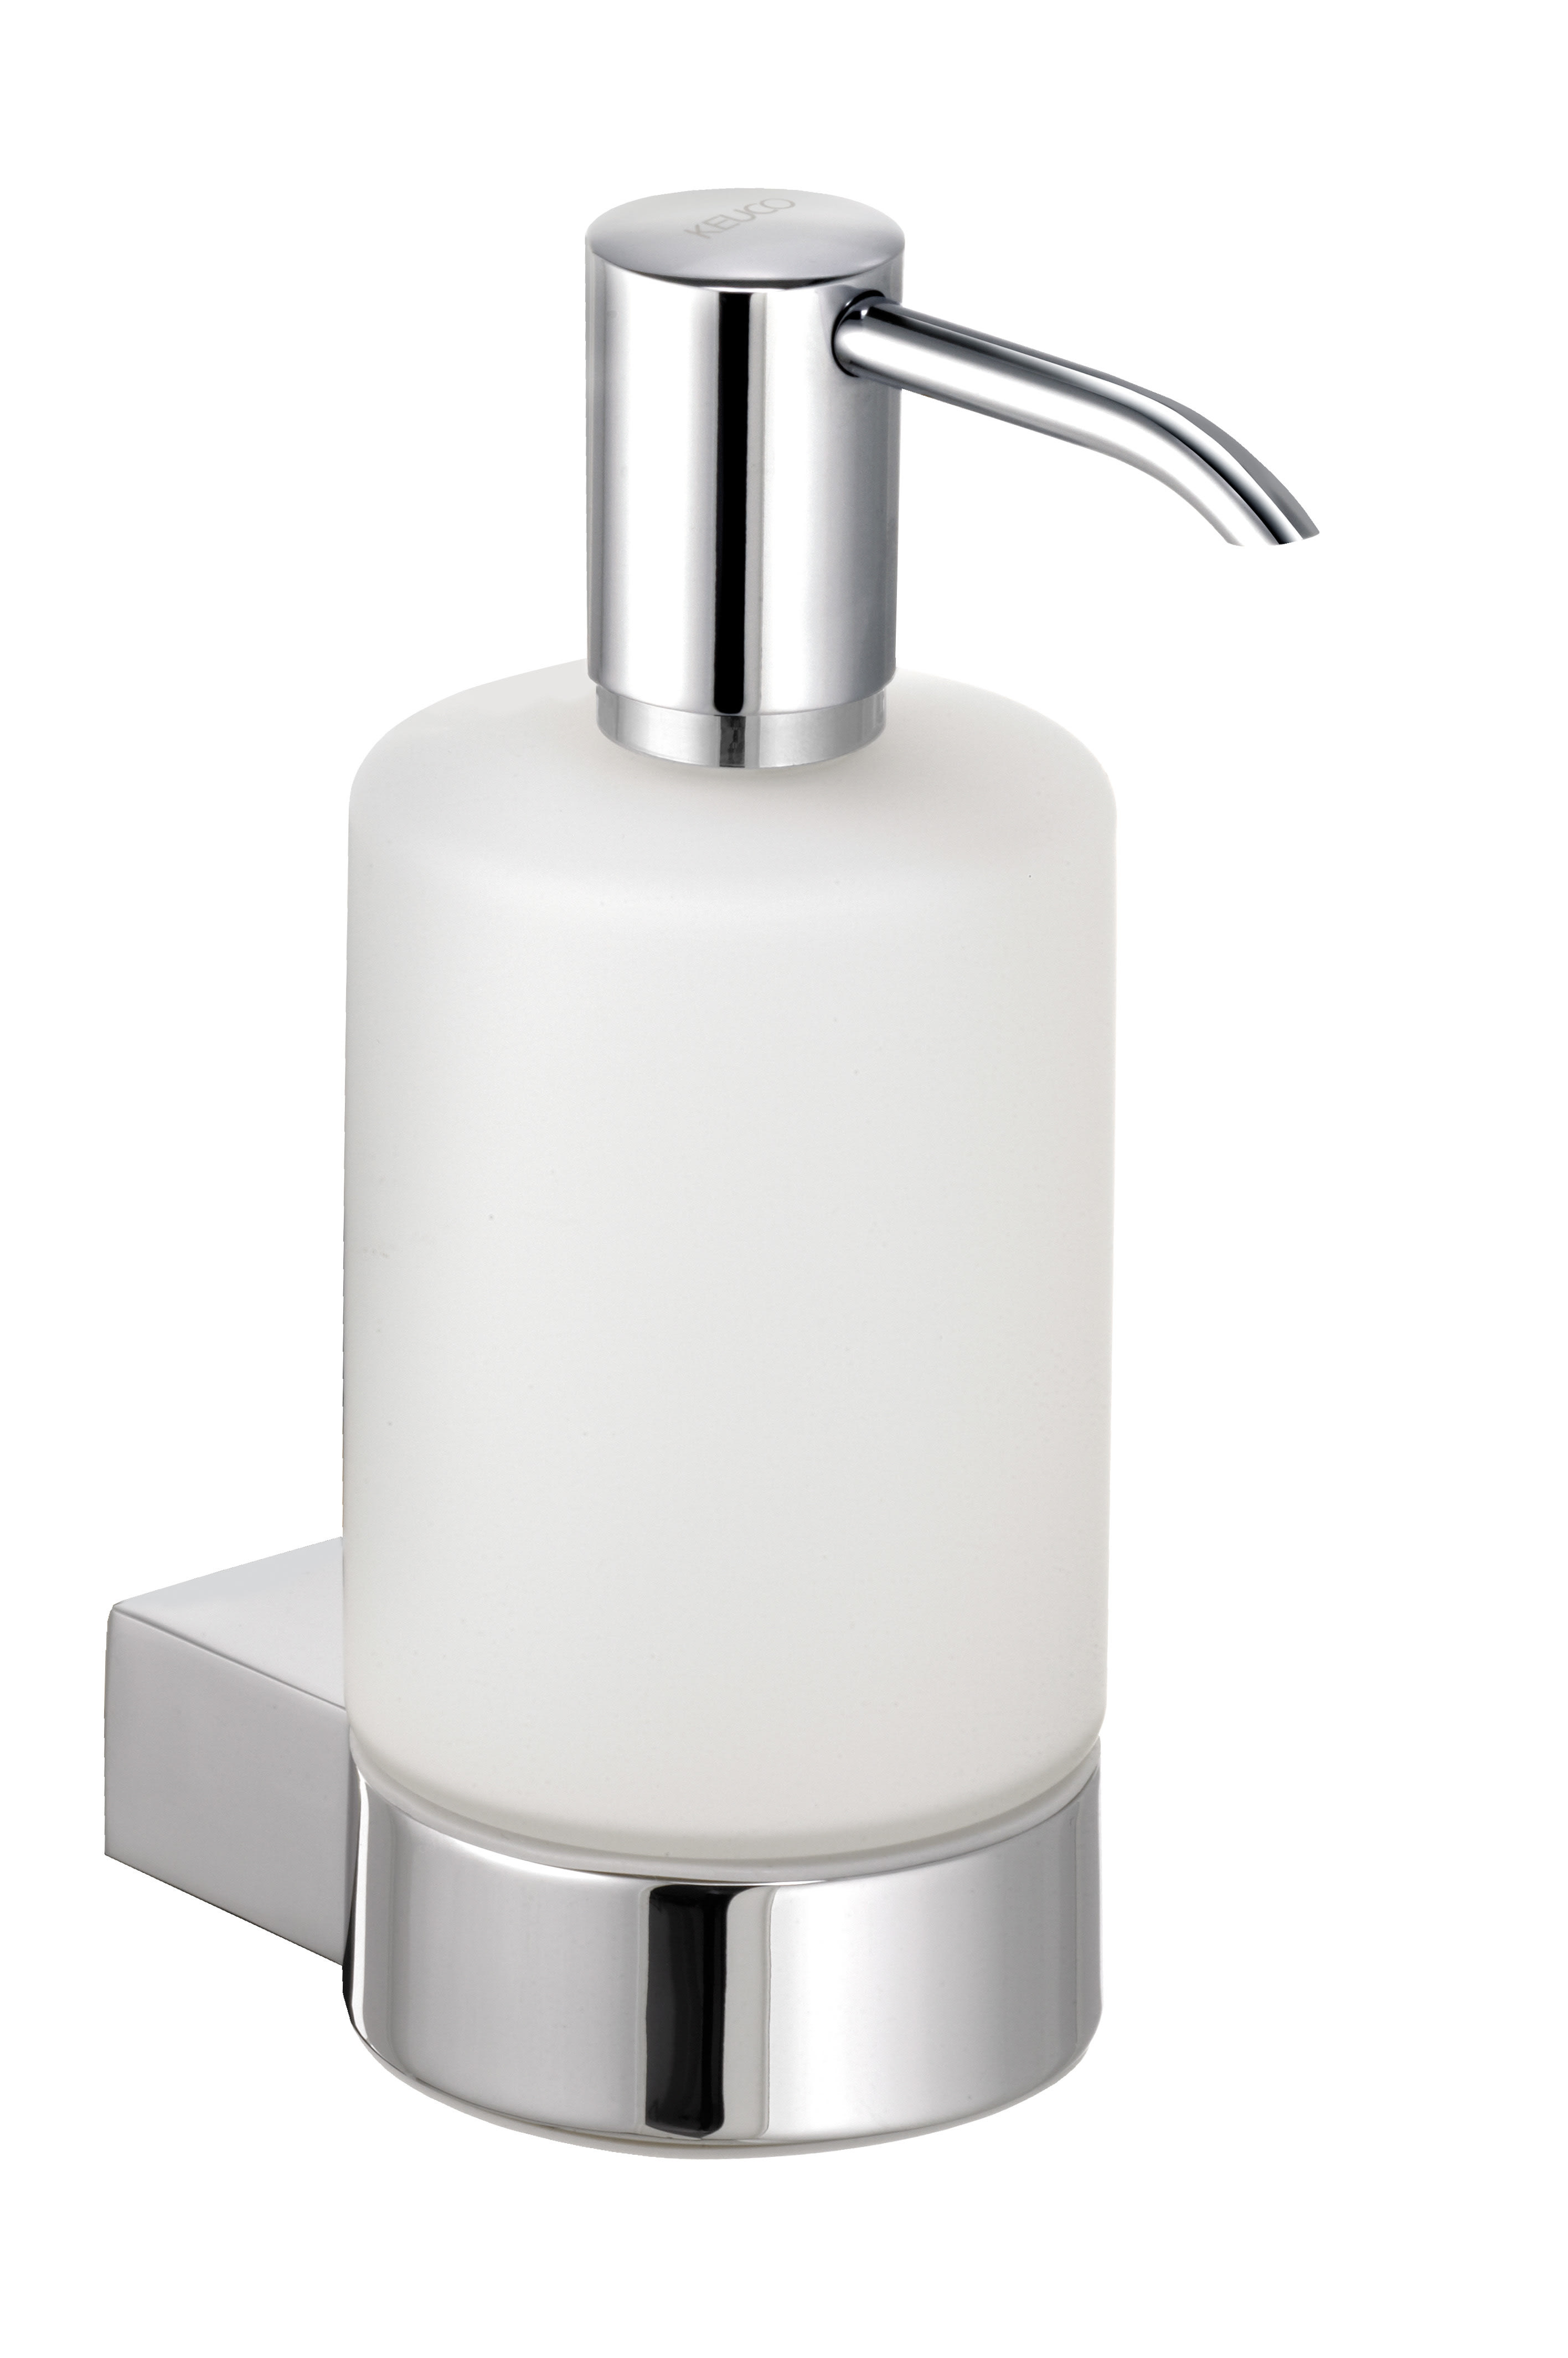 Keuco 14953 Plan Lotion Dispenser | QualityBath.com